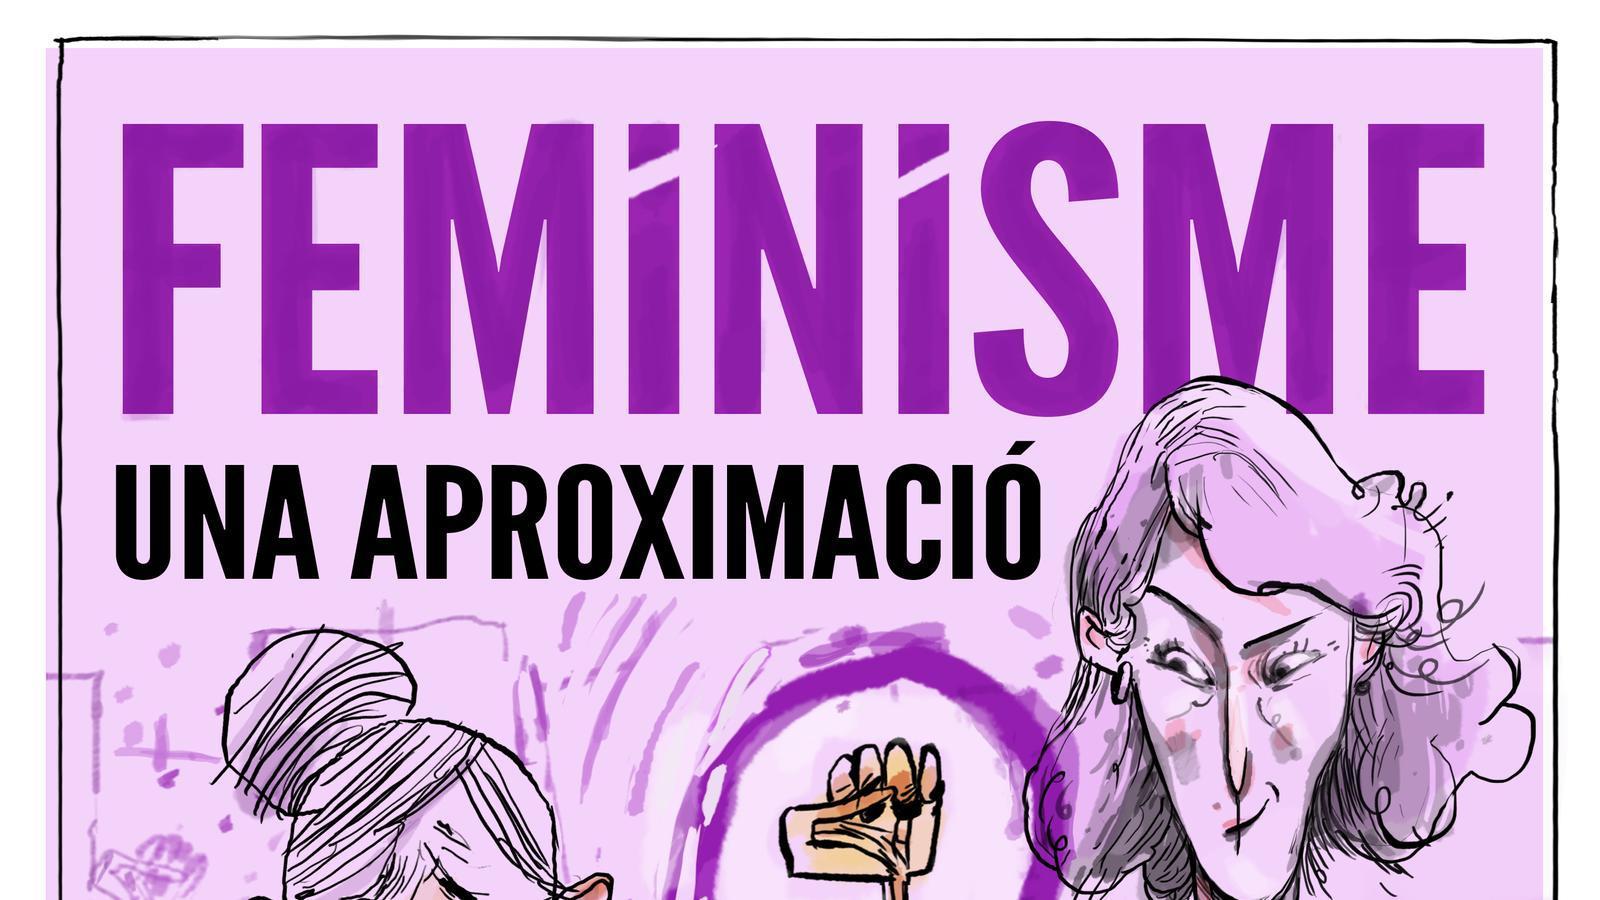 Feminismes i masclismes: una aproximació de la mà de quatre dones... i potser algun home